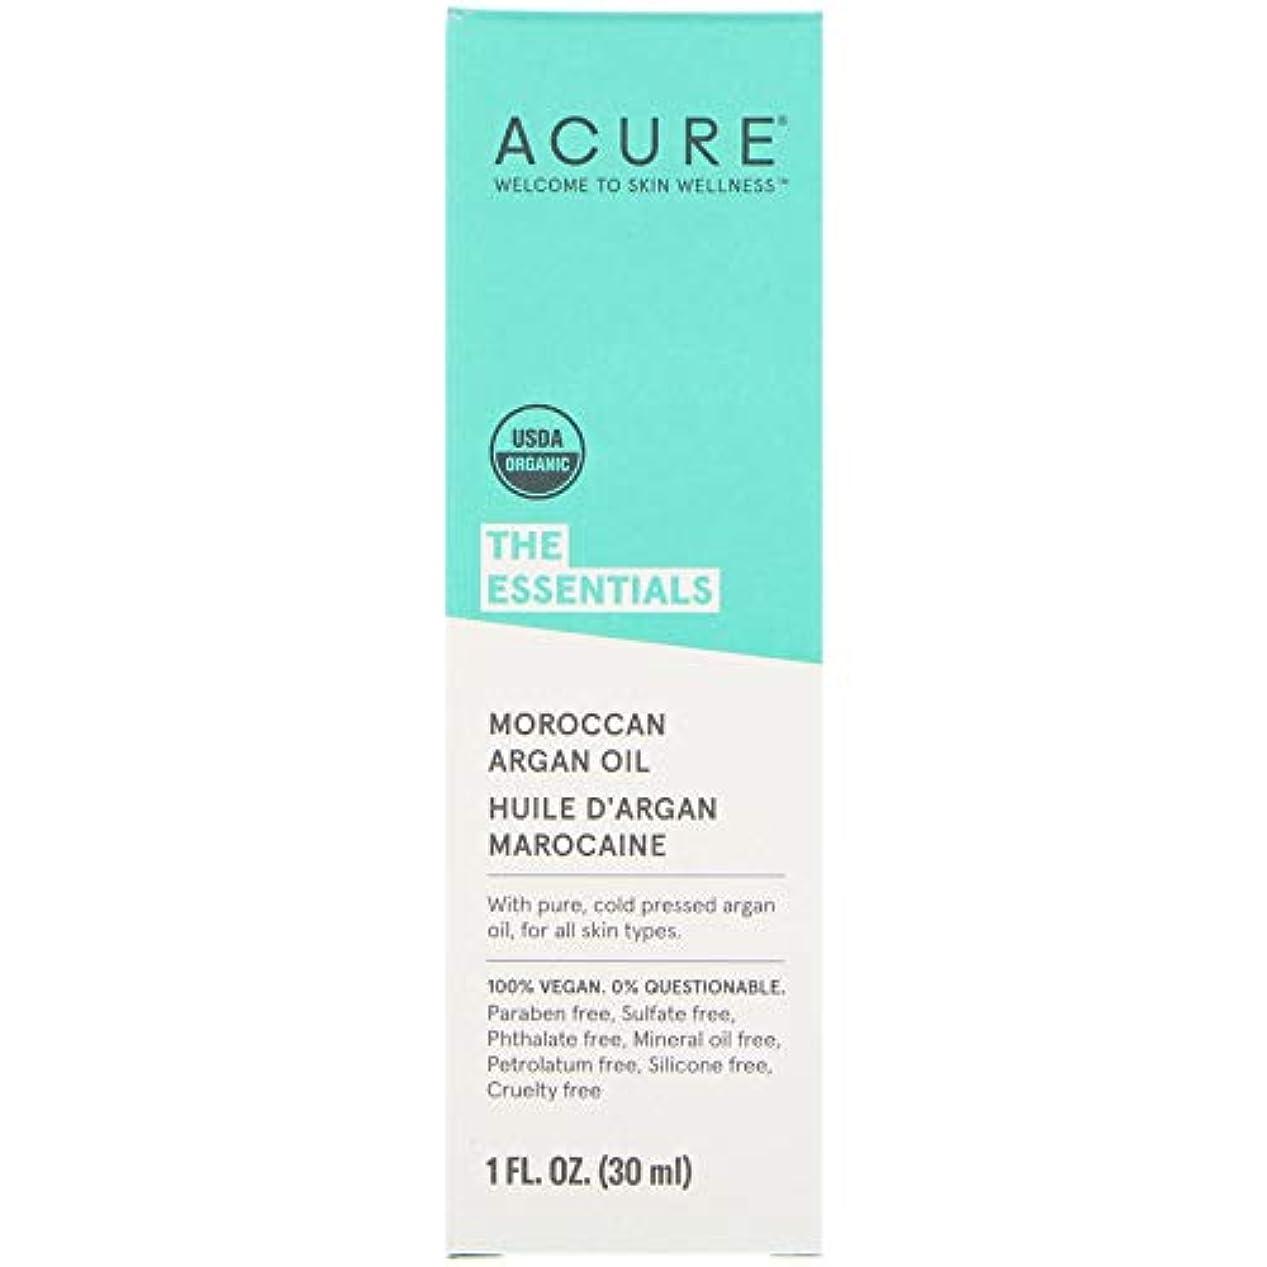 非常にテクトニックローマ人Acure Organics オーガニック モロッコ産 アルガンオイル 30ml x 3本セット [並行輸入品]